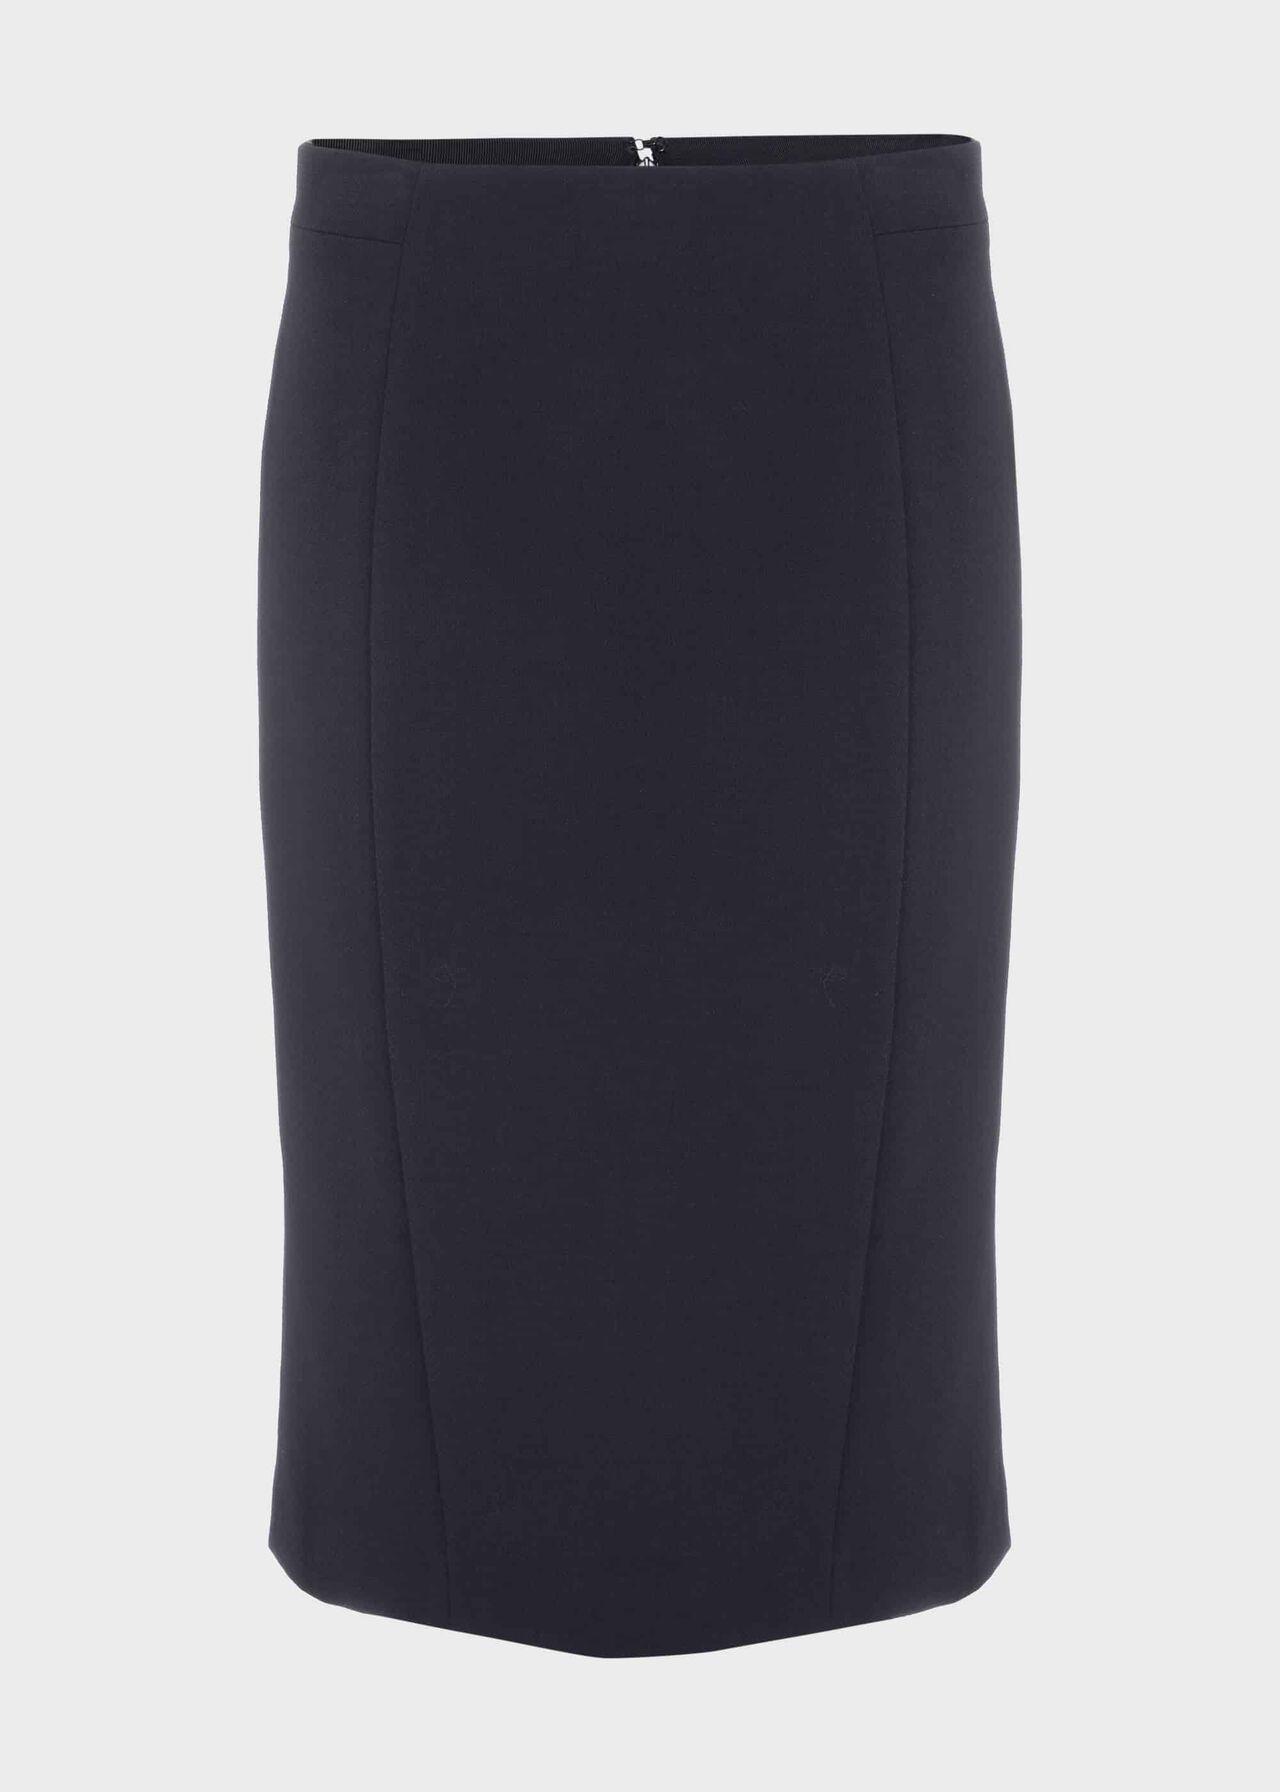 Leila Pencil Skirt Navy